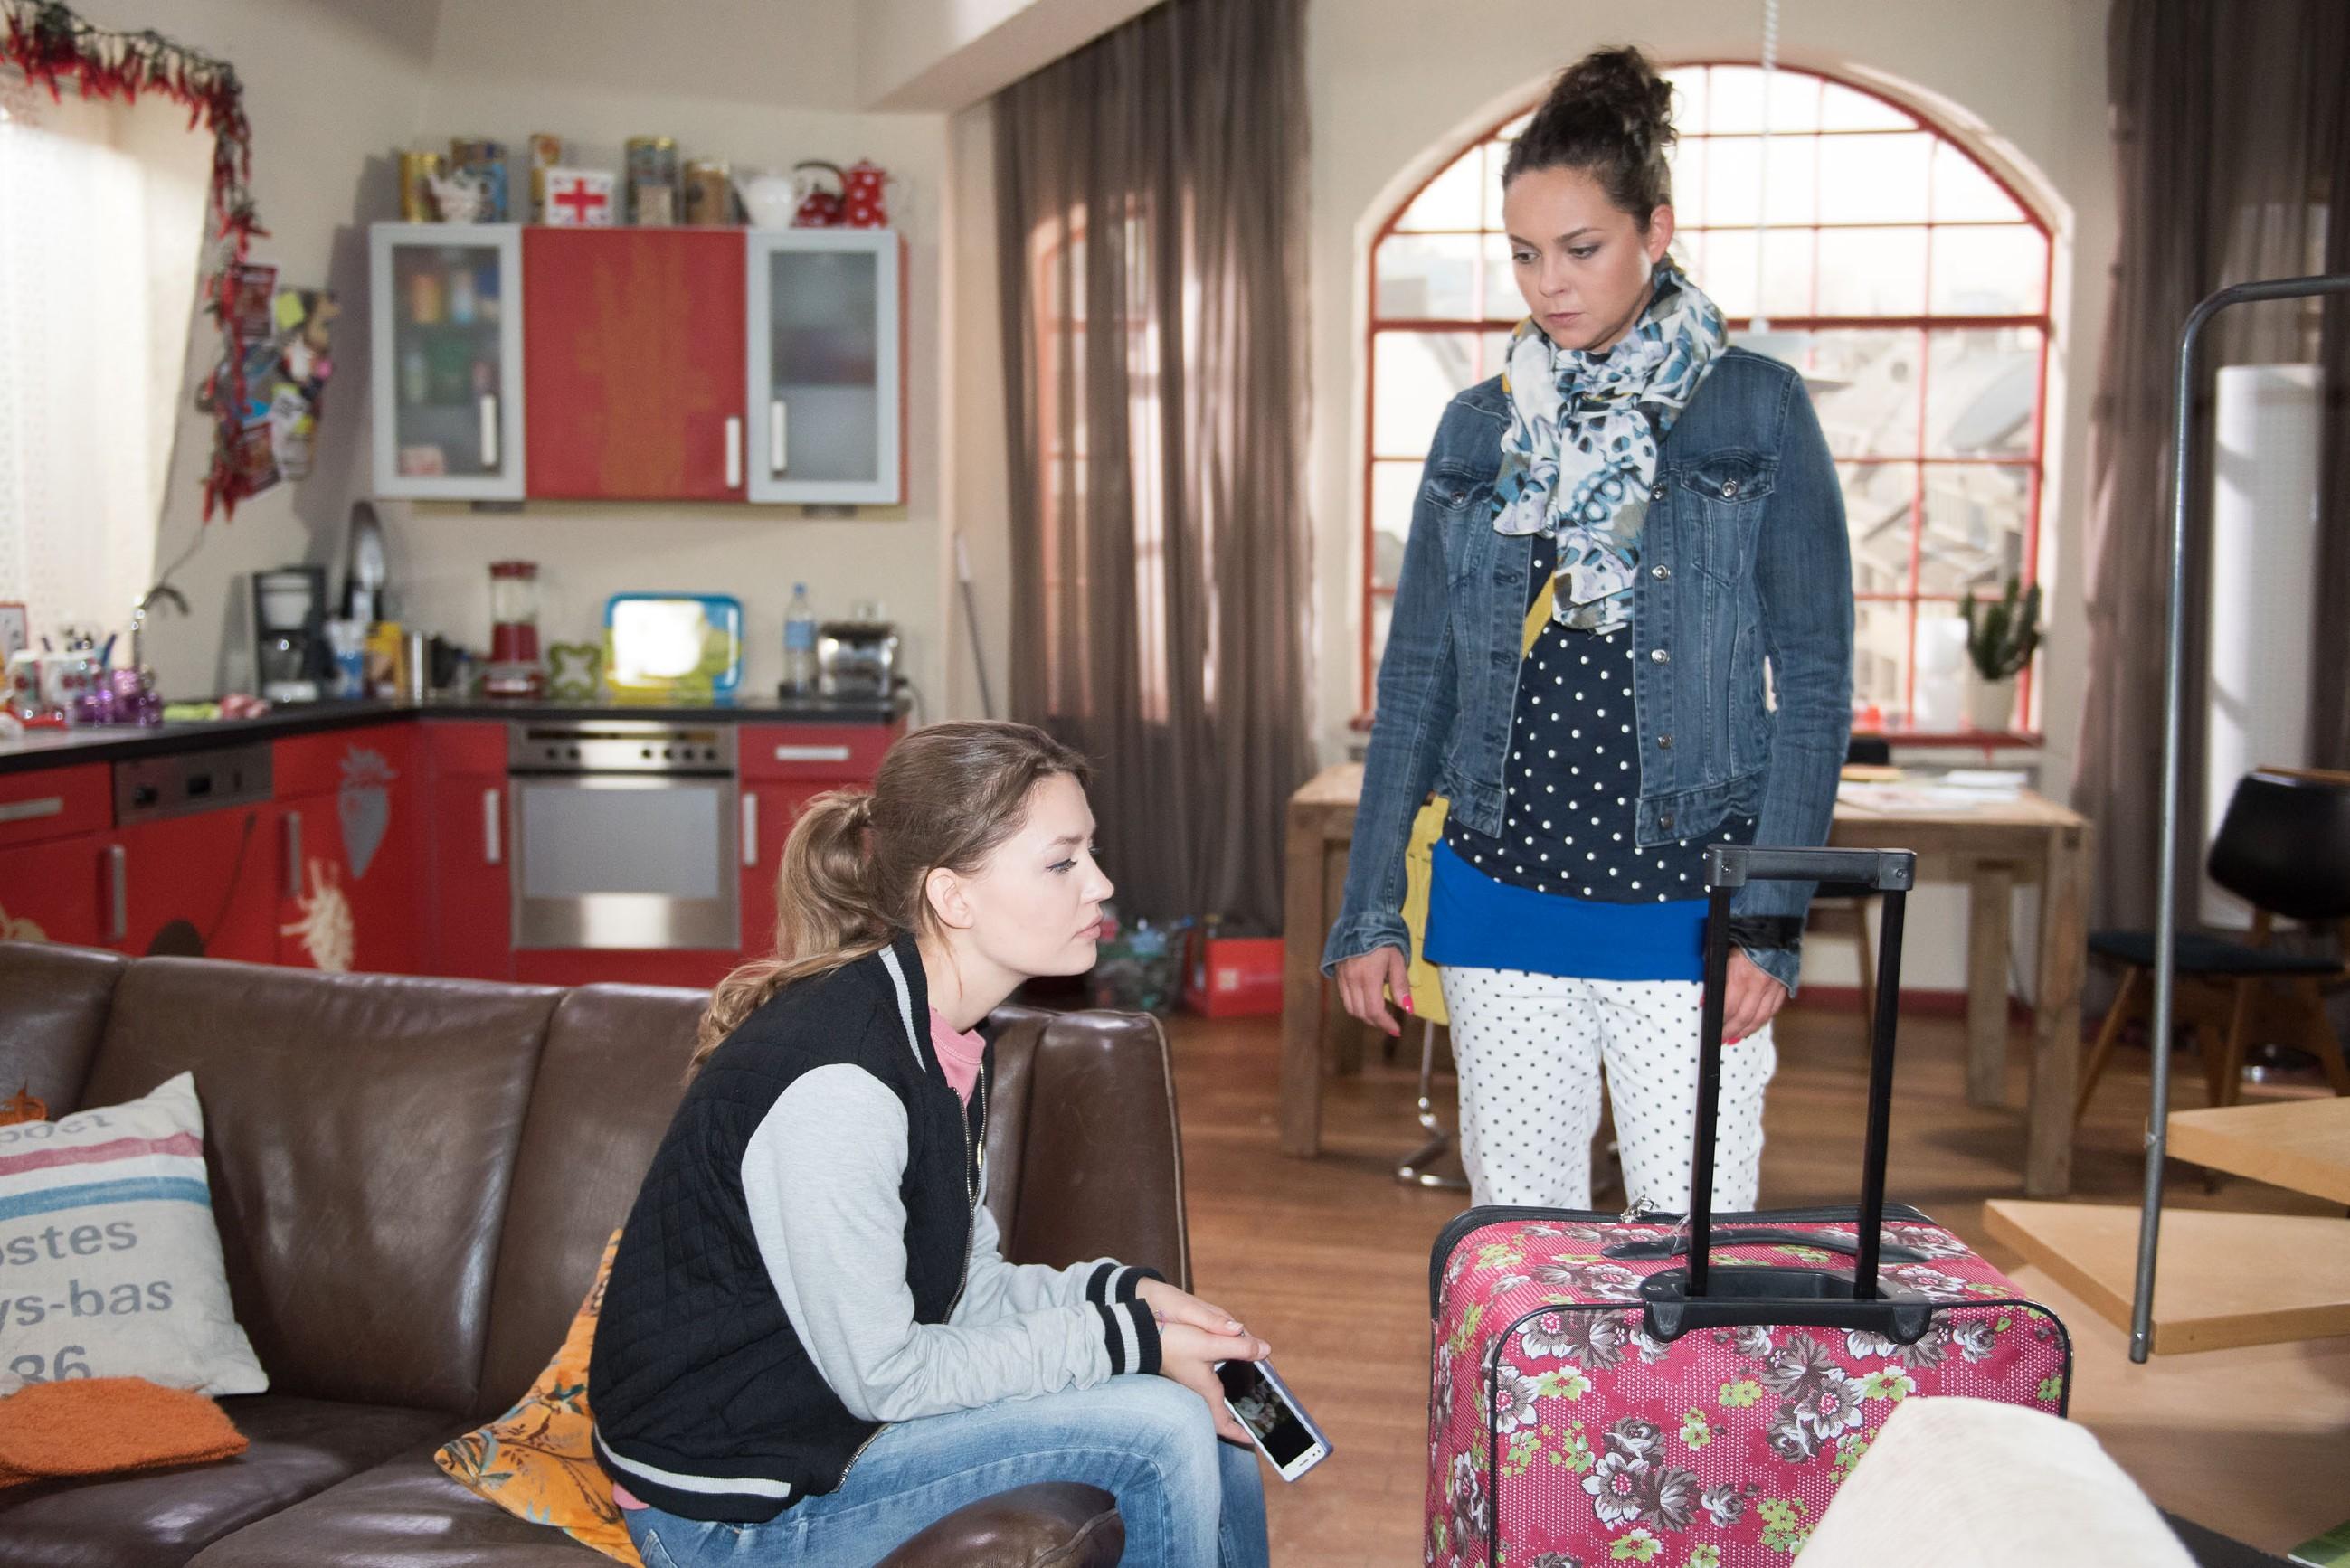 Jules (Amrei Haardt, l.) Liebeskummer wegen Valentin bringt Caro (Ines Kurenbach) mitfühlend zum Umdenken.